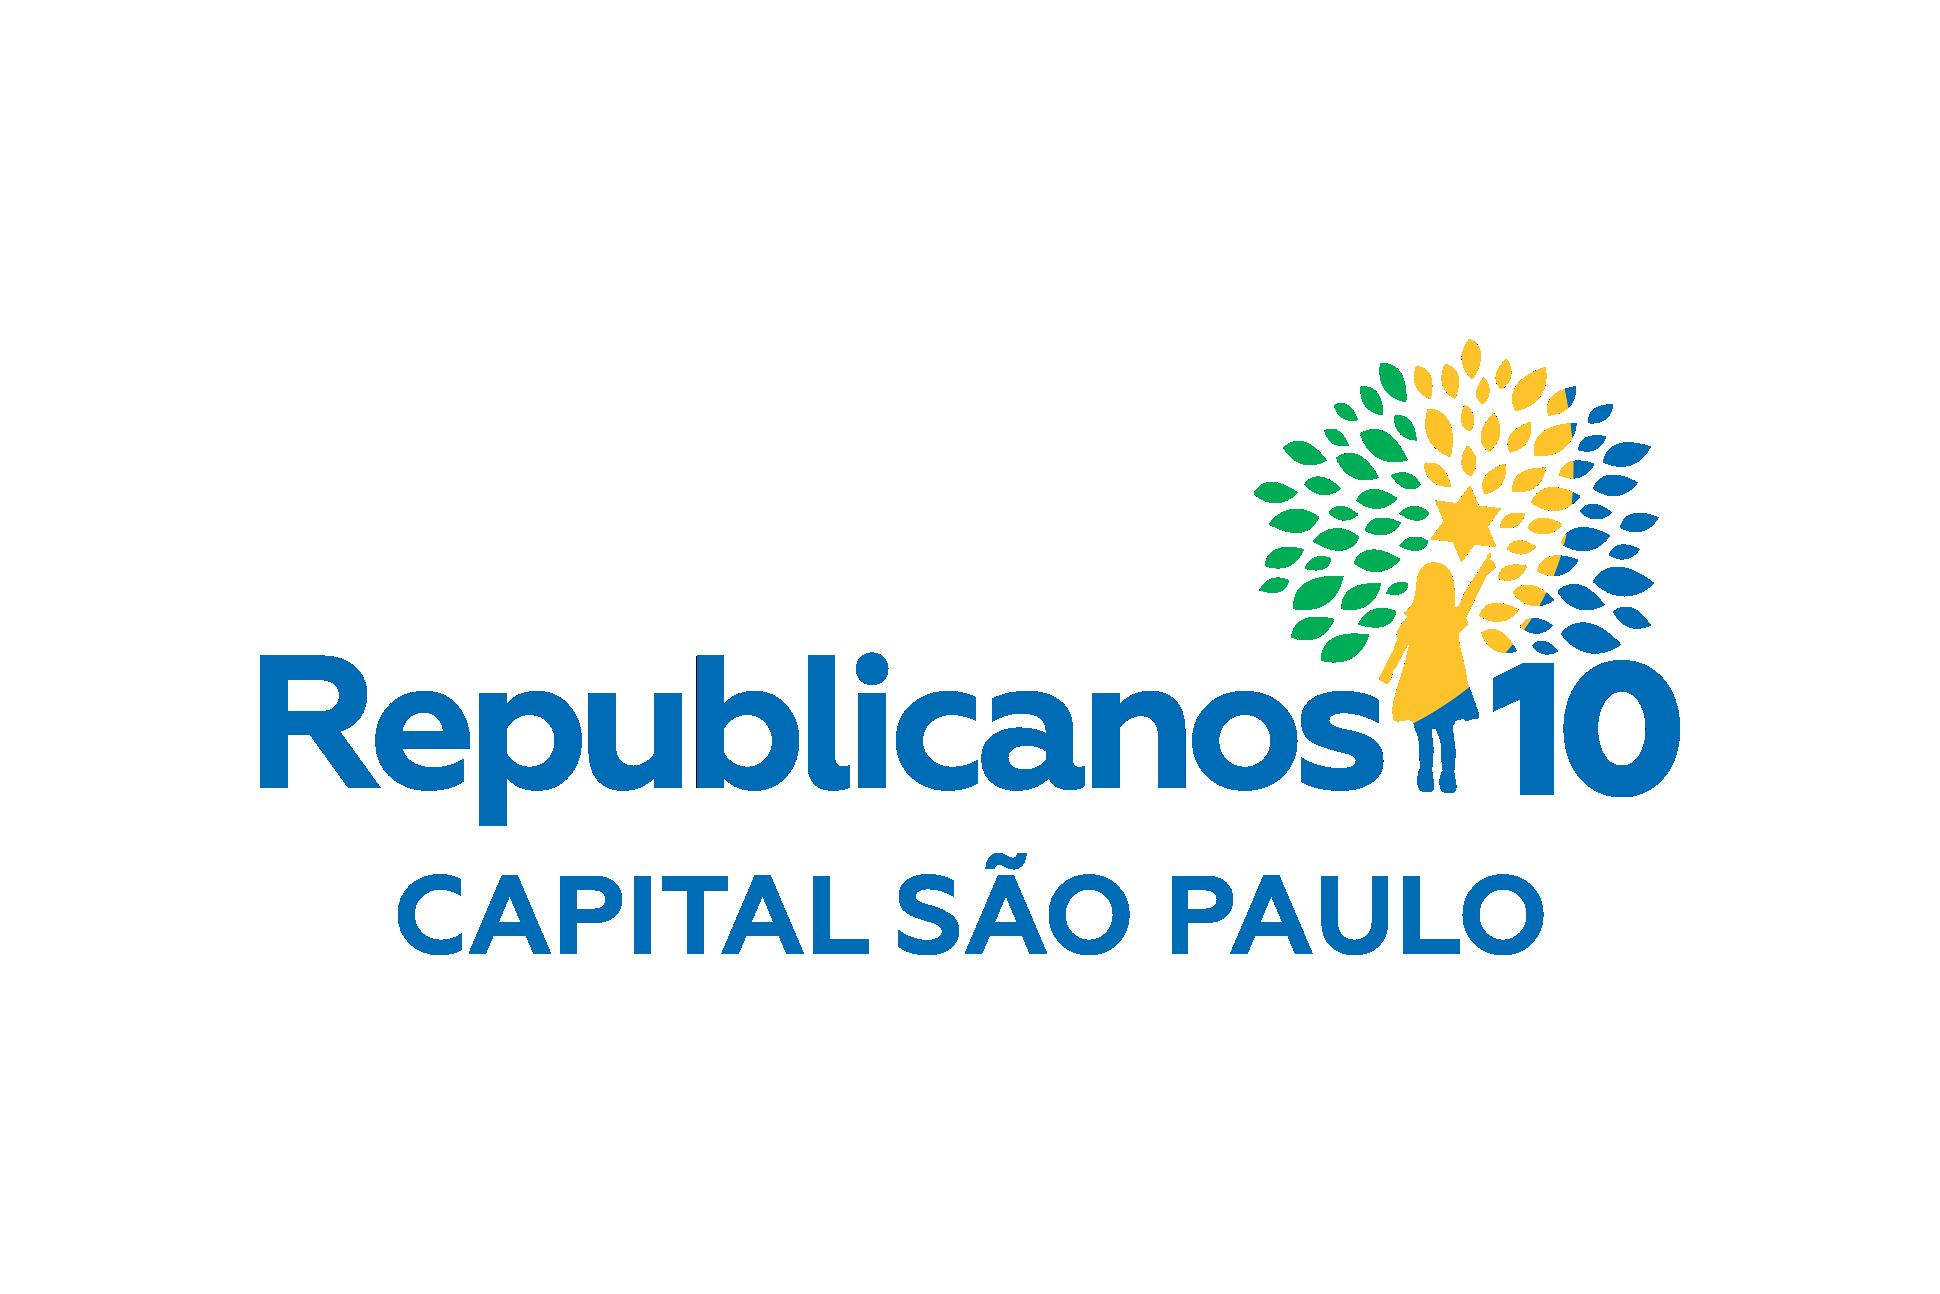 Republicanos 10 SP Capital